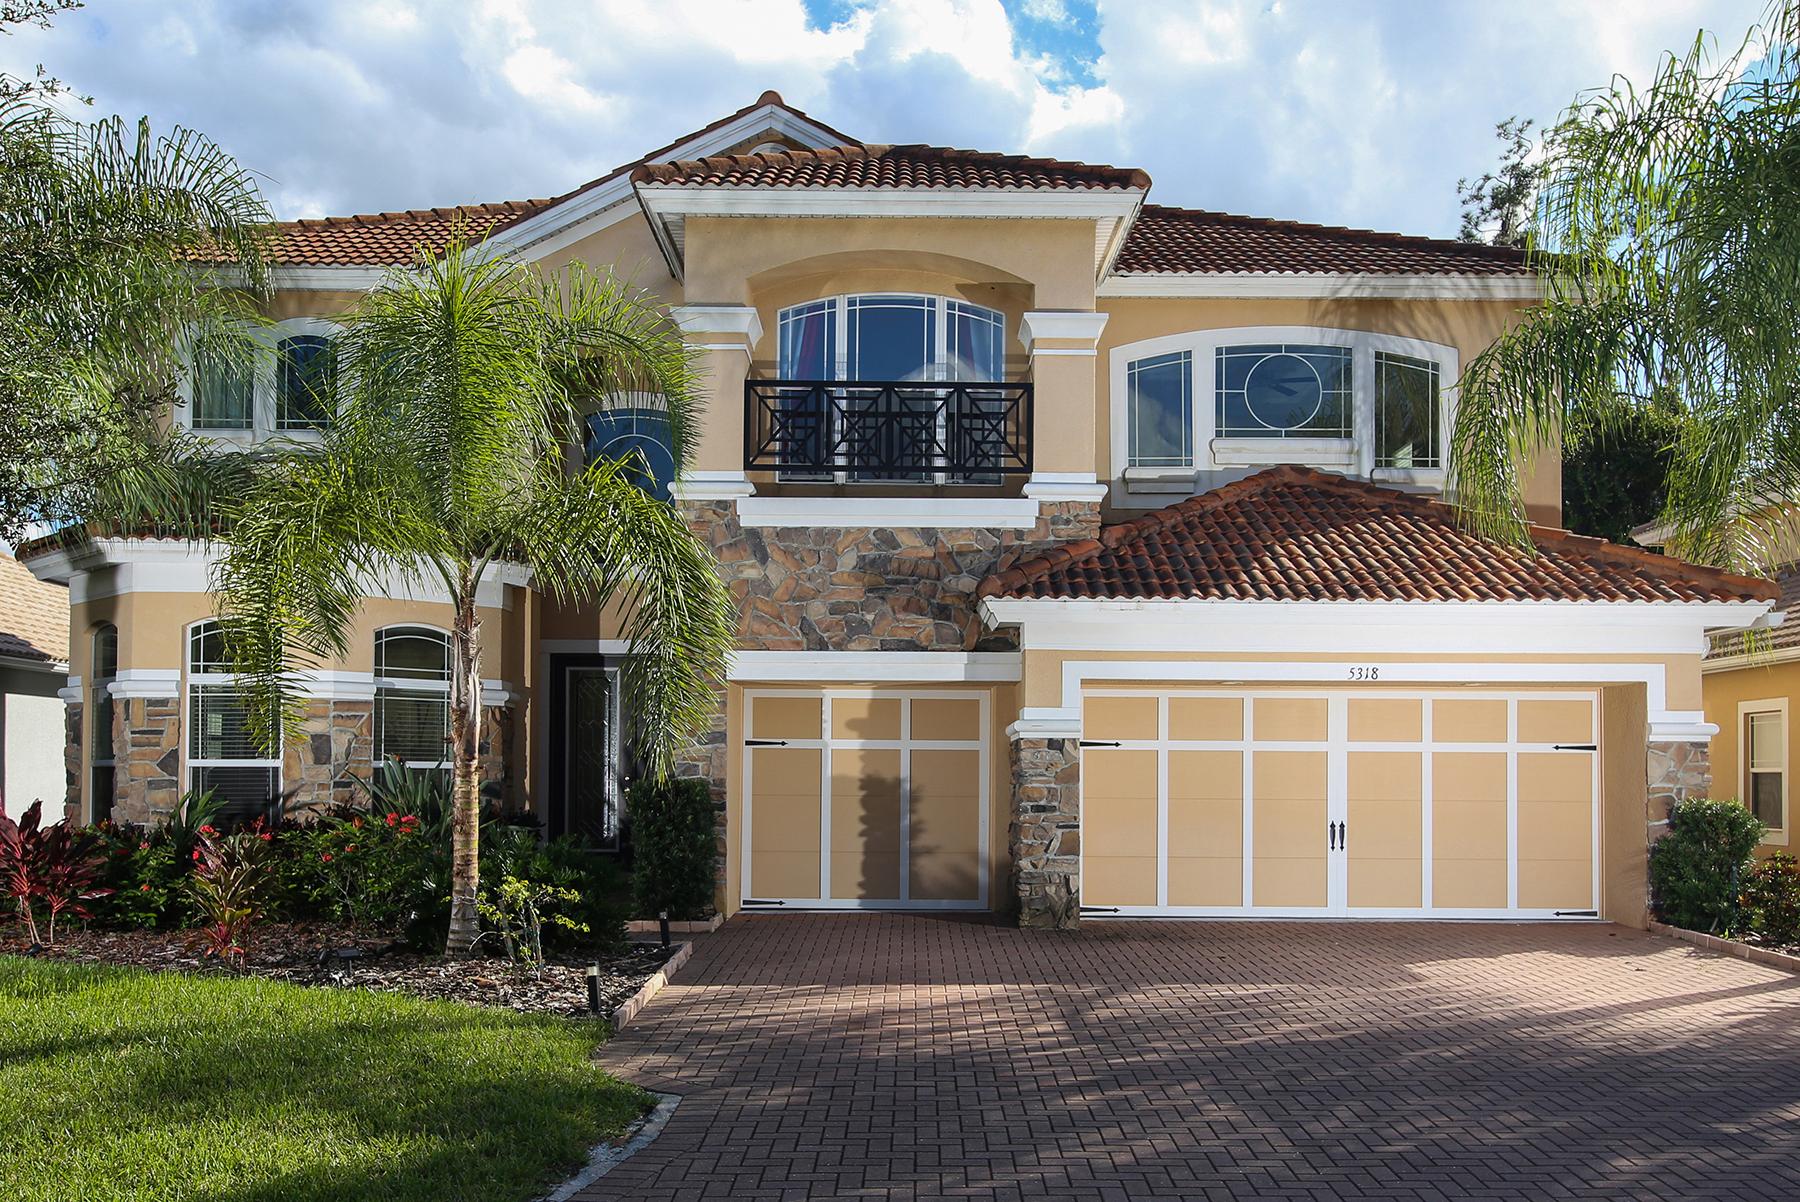 独户住宅 为 销售 在 SONOMA 5318 Napa Dr 萨拉索塔, 佛罗里达州, 34243 美国